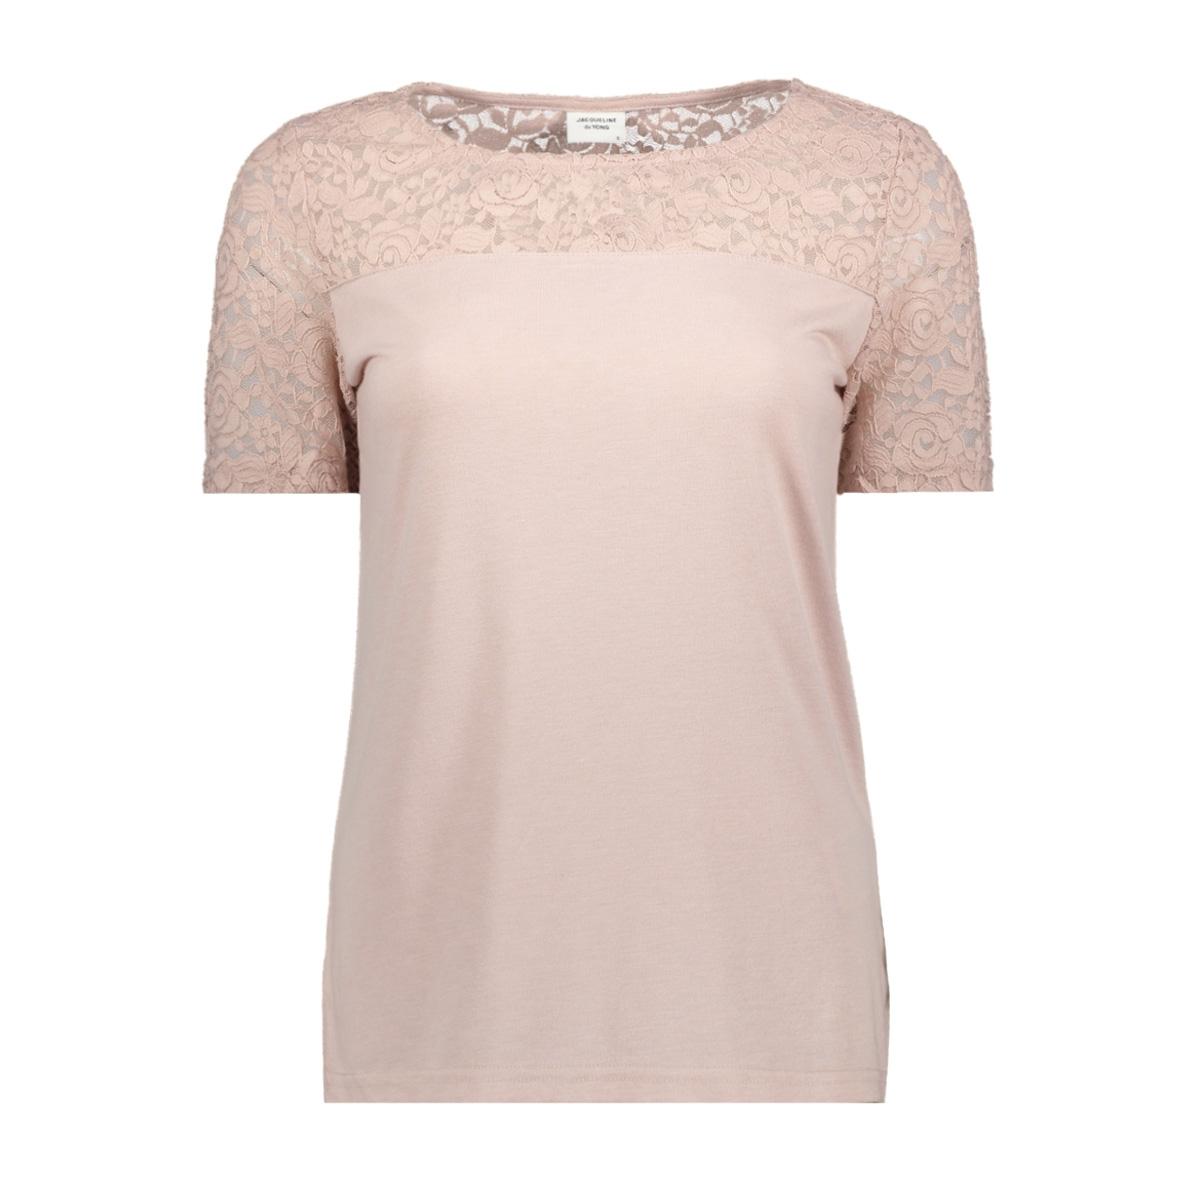 jdykimmie s/s top jrs 15161149 jacqueline de yong t-shirt shadow gray/dtm lace